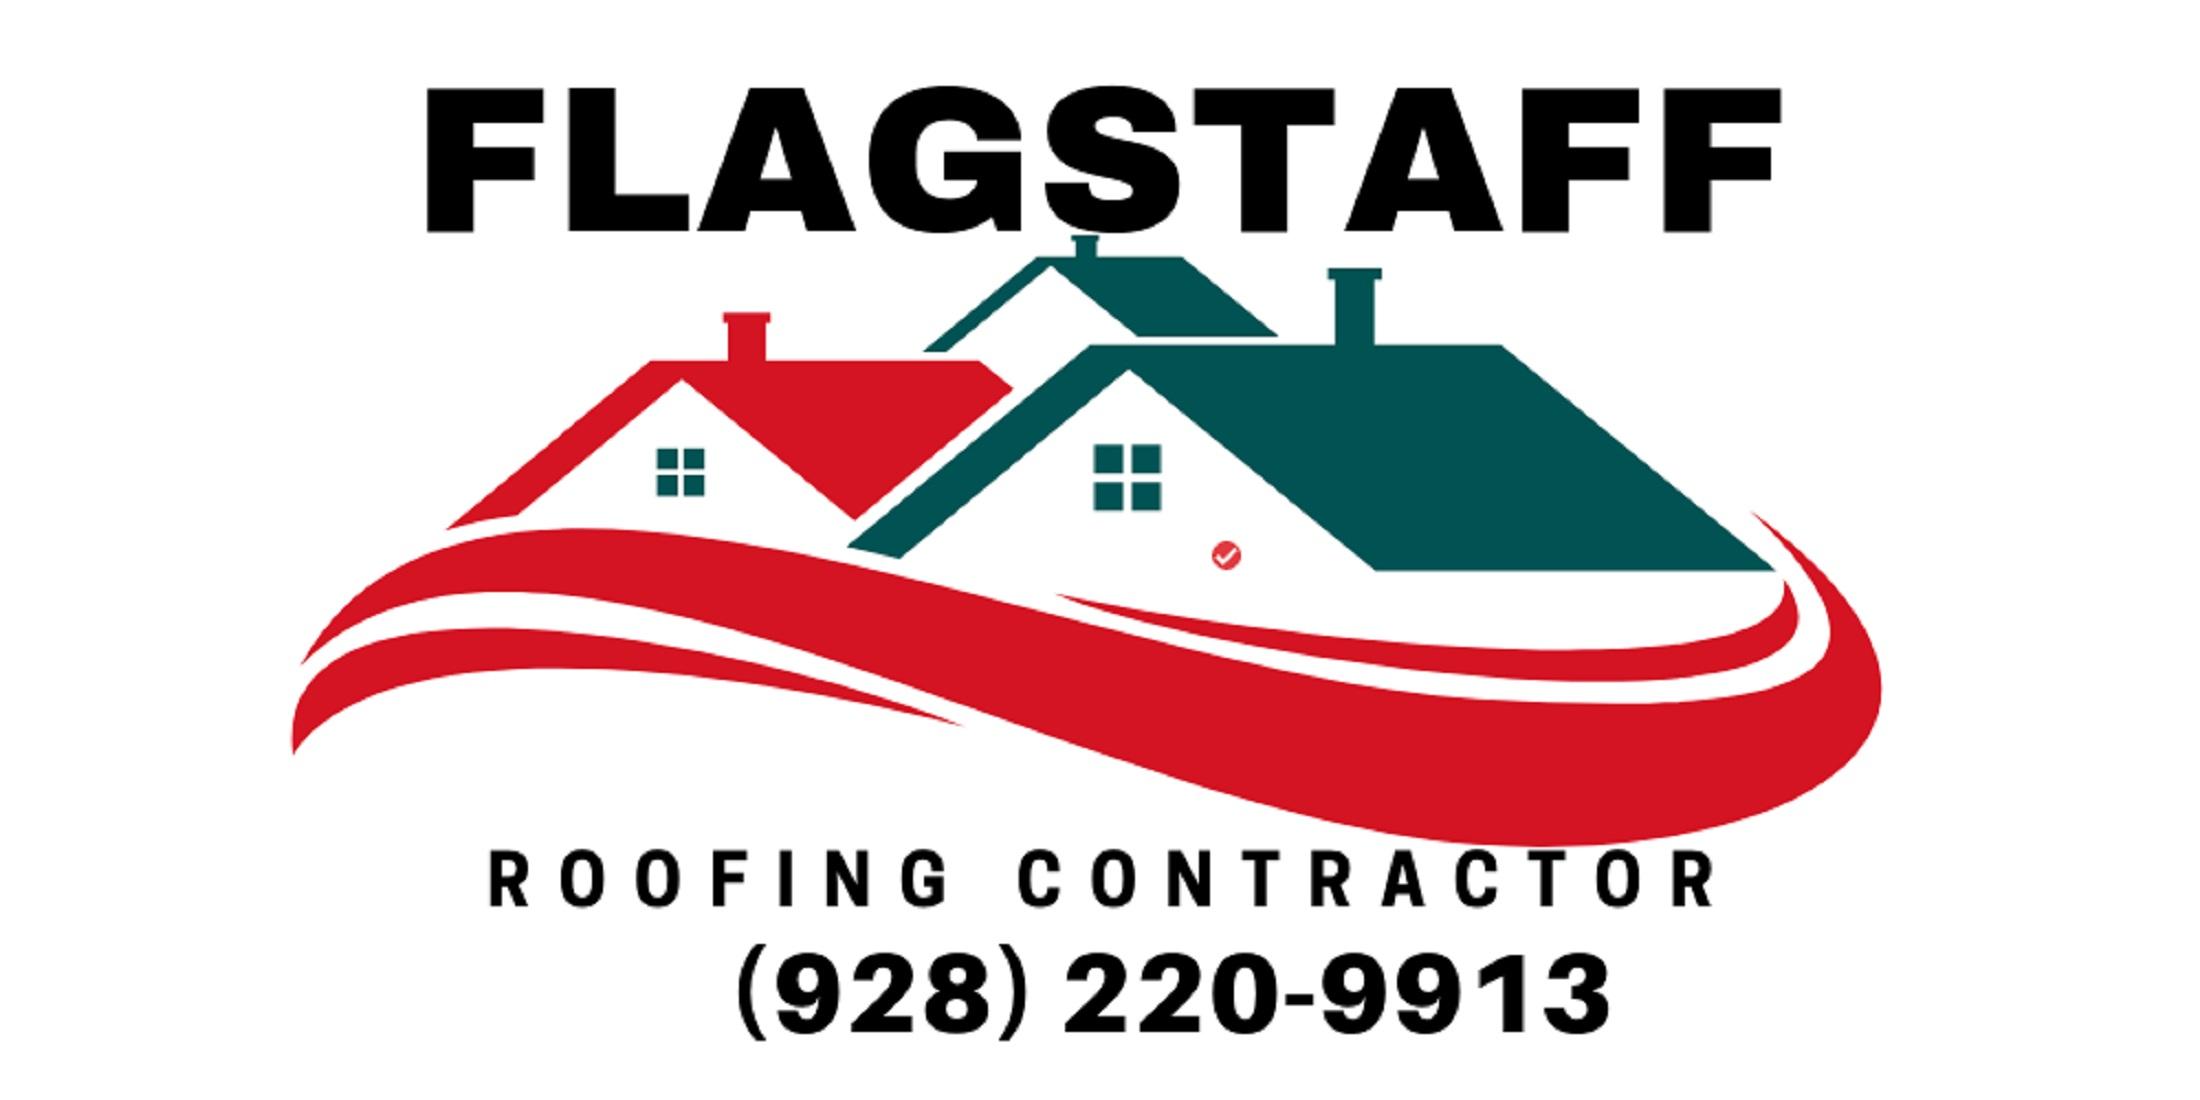 Roofing Contractor Flagstaff